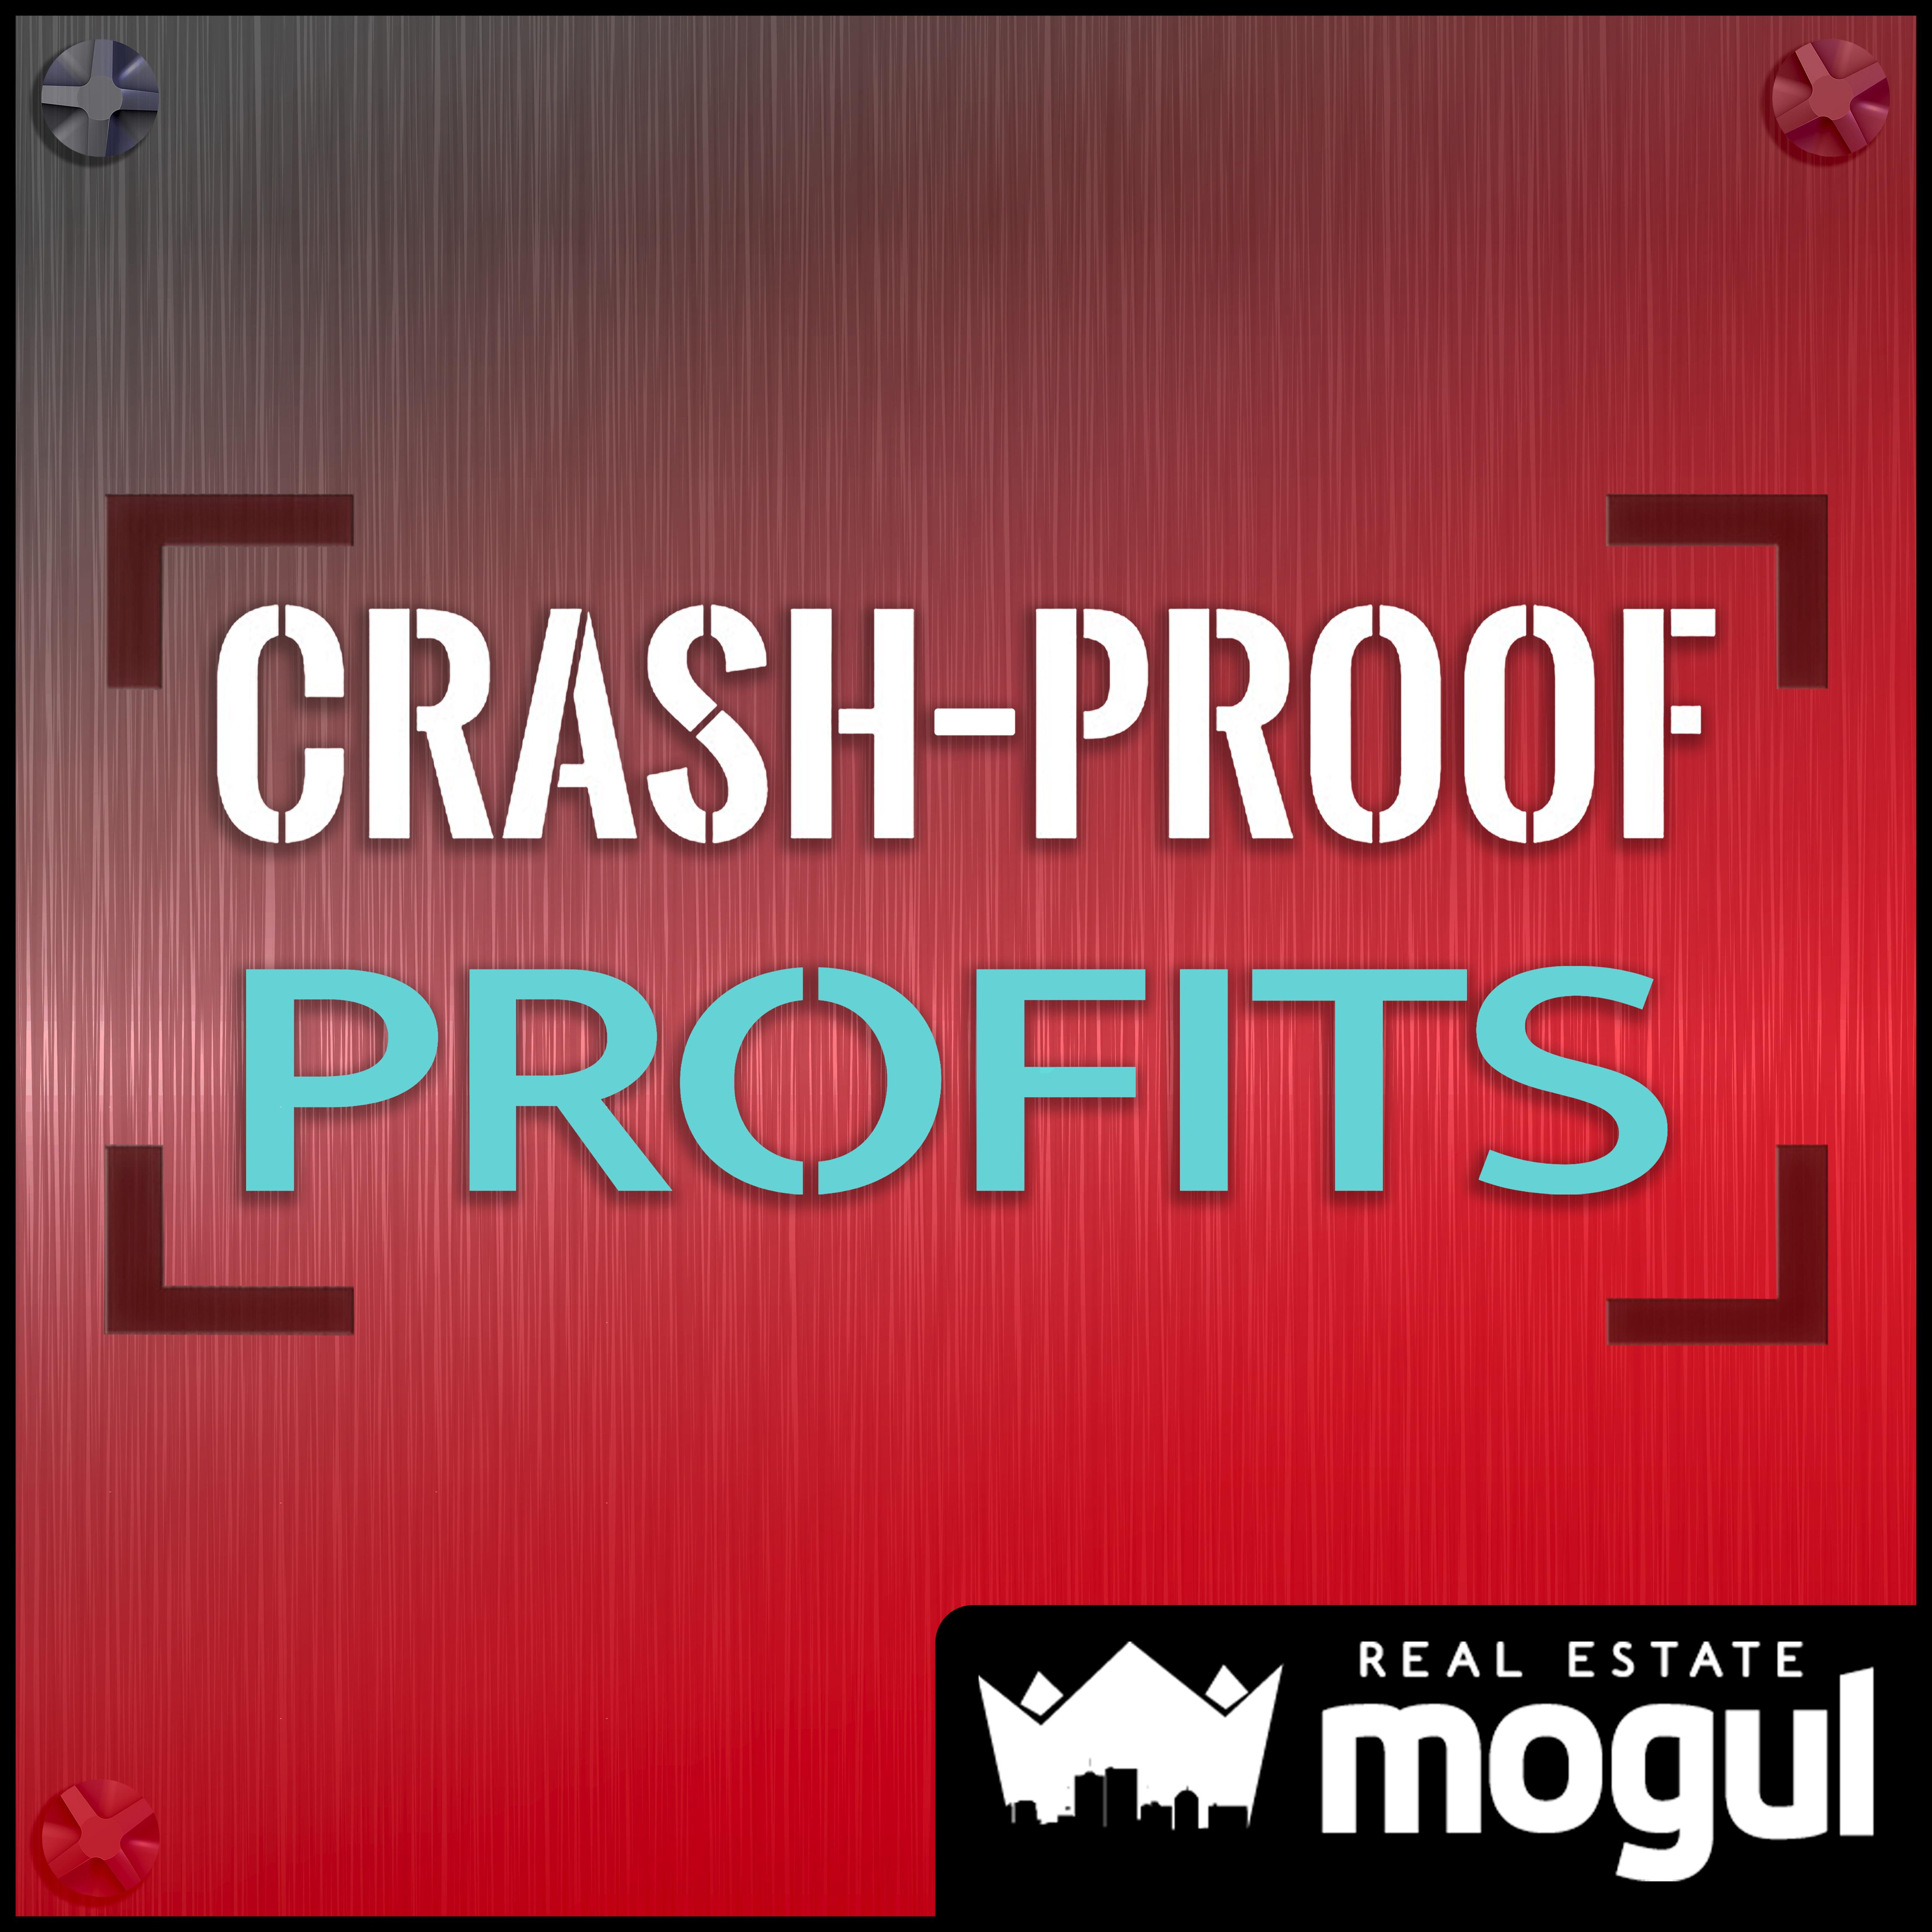 Crash Proof Profits